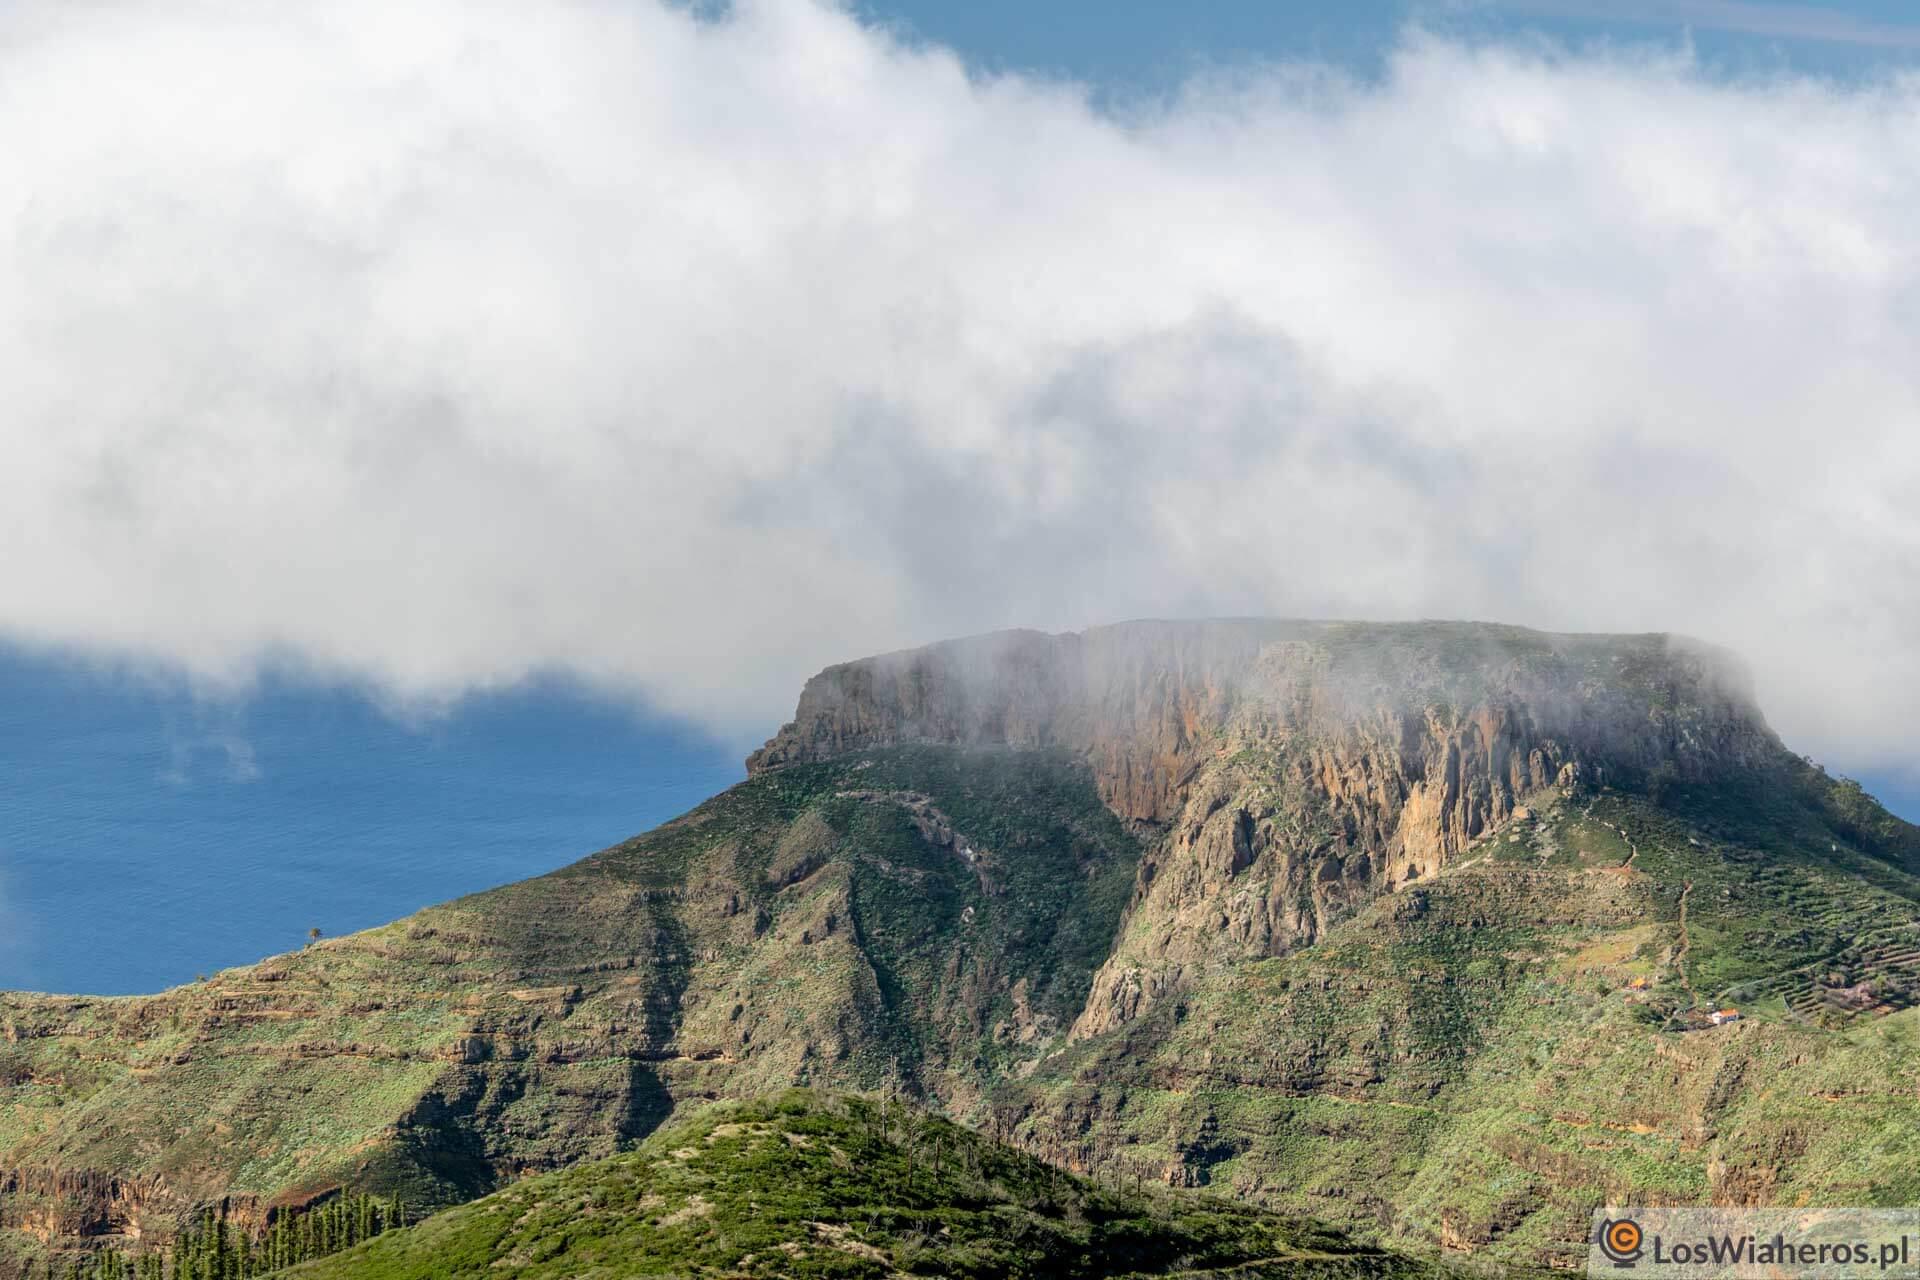 Wyspy Kanaryjskie, La Gomera, Chipude, Fortaleza